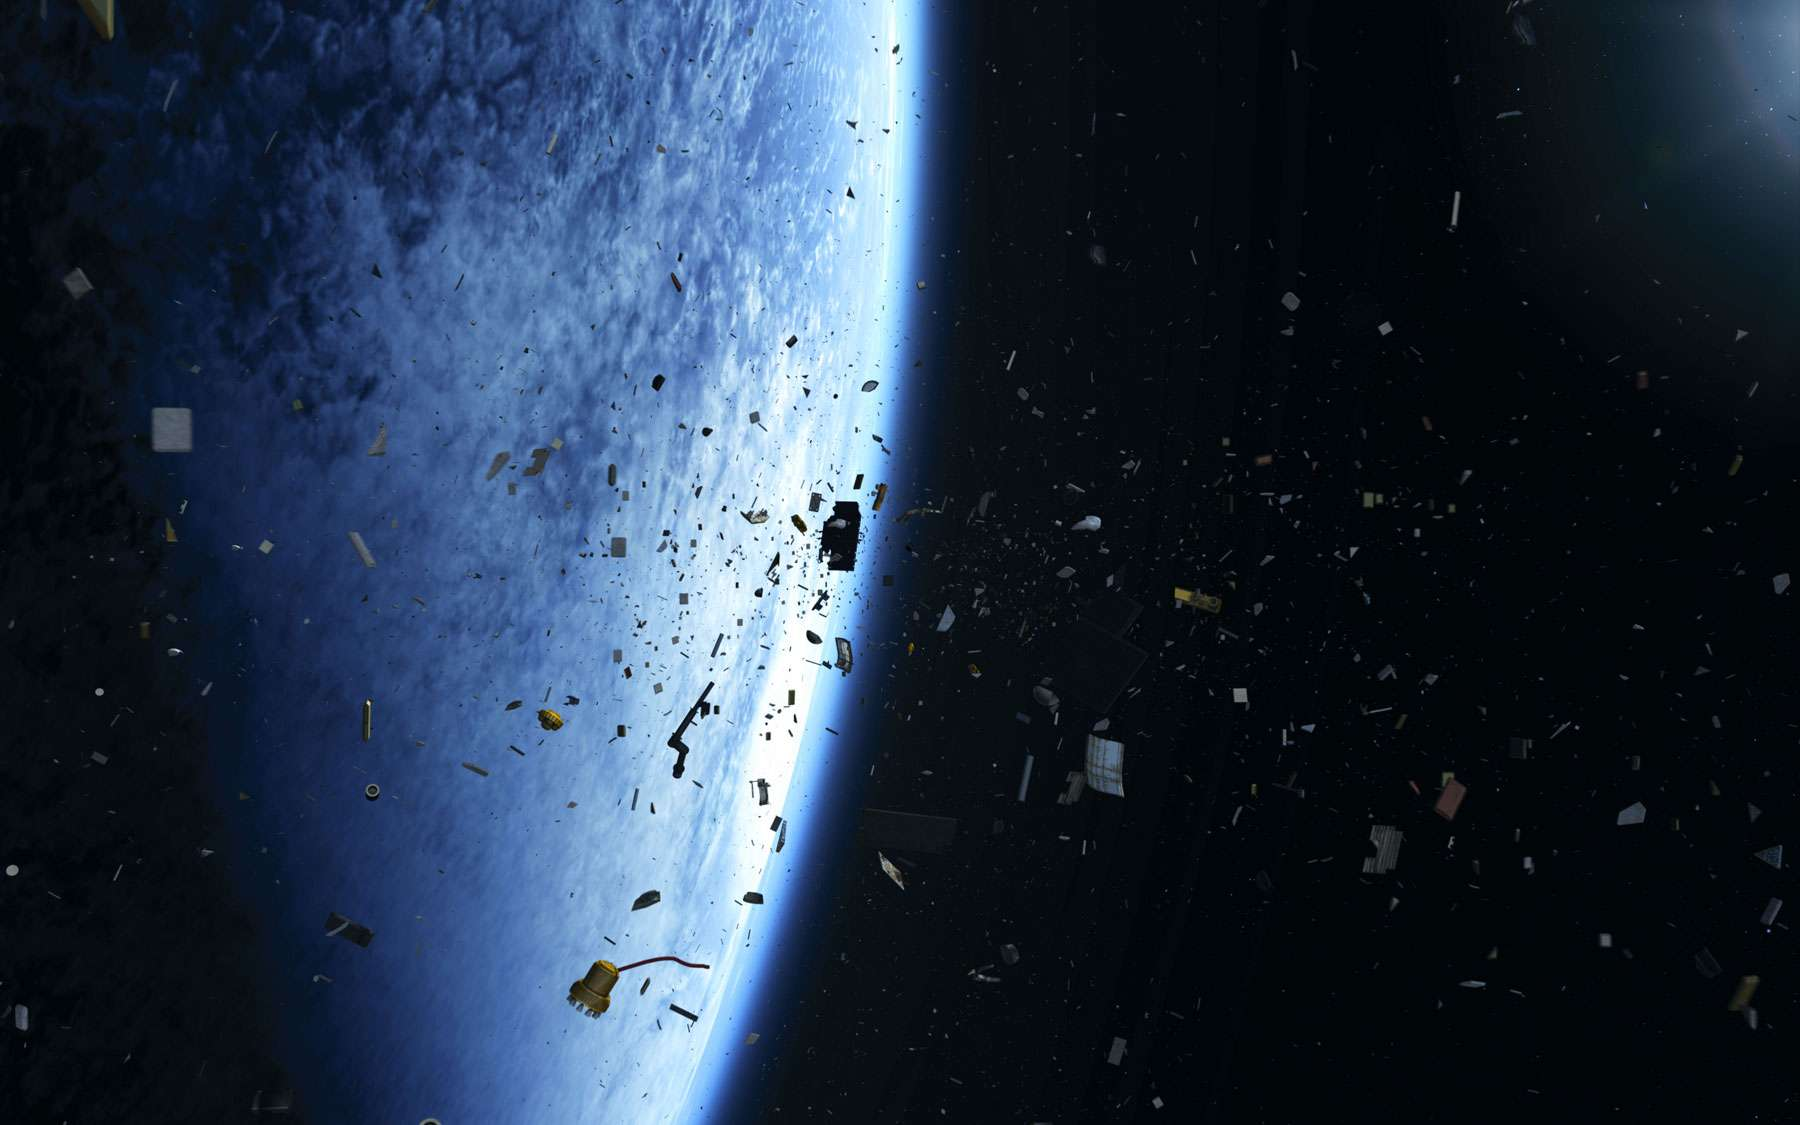 Quelle que soit leur taille, les débris spatiaux sont une gêne très significative et même une menace pour les activités dans l'espace. © Esa